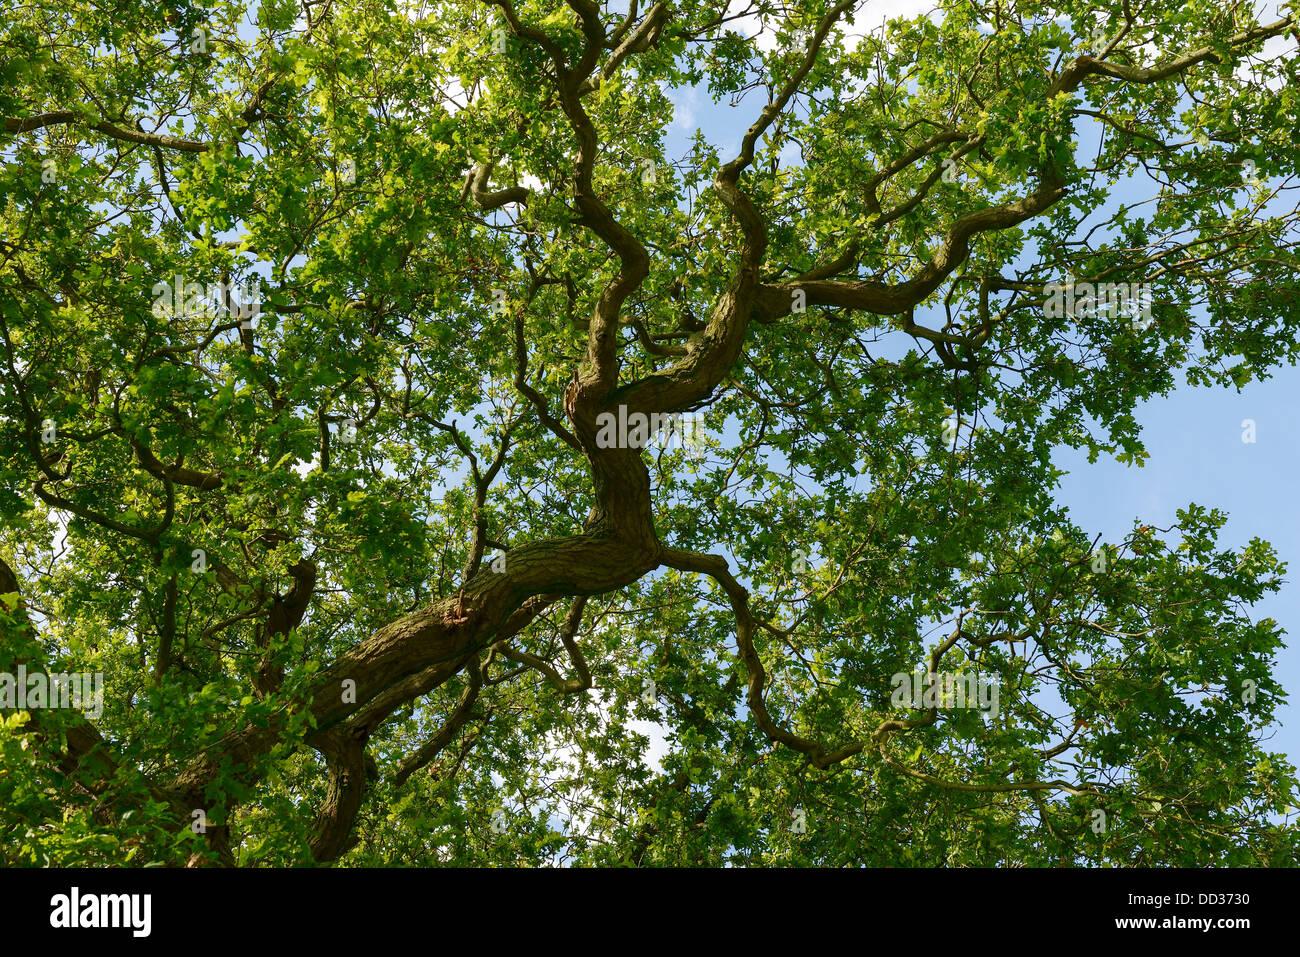 Zweig einer Eiche in voller Blatt mit blauem Himmel Cheshire UK Stockbild